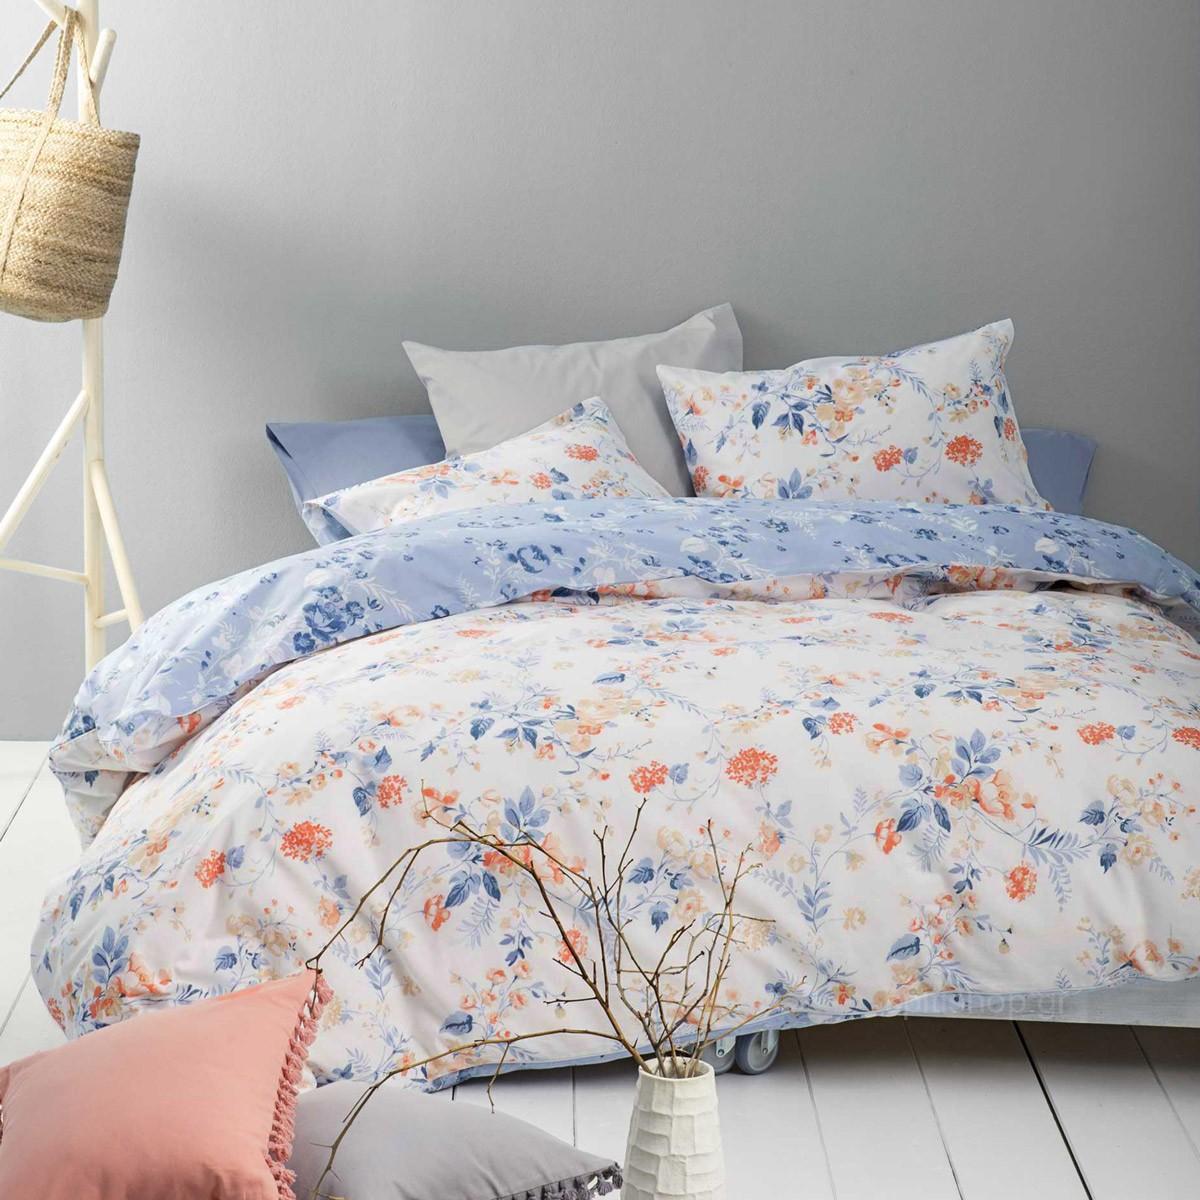 Σεντόνια Υπέρδιπλα (Σετ) Nima Bed Linen Floret Blue ΜΕ ΛΑΣΤΙΧΟ ΜΕ ΛΑΣΤΙΧΟ